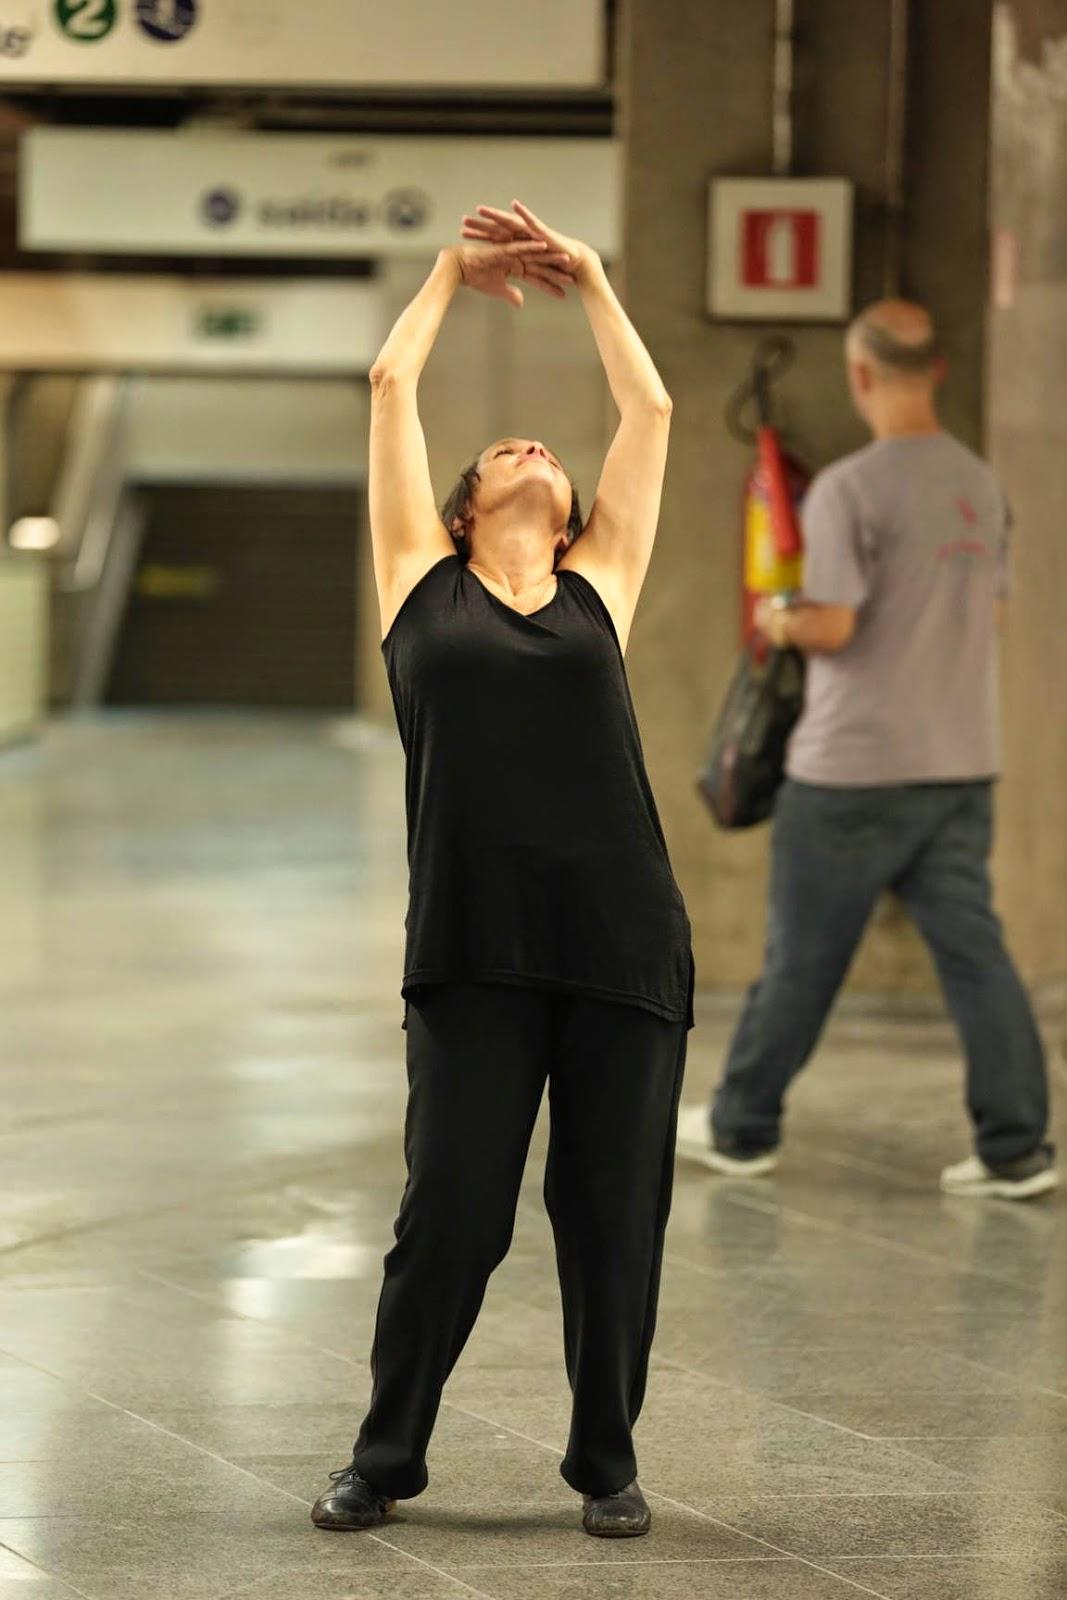 Descrição da Foto: Intérprete vestida de preto dança na plataforma do metrô. Está de pé com o rosto voltado para cima, braços para cima de mãos dadas. Pessoa passa no fundo.